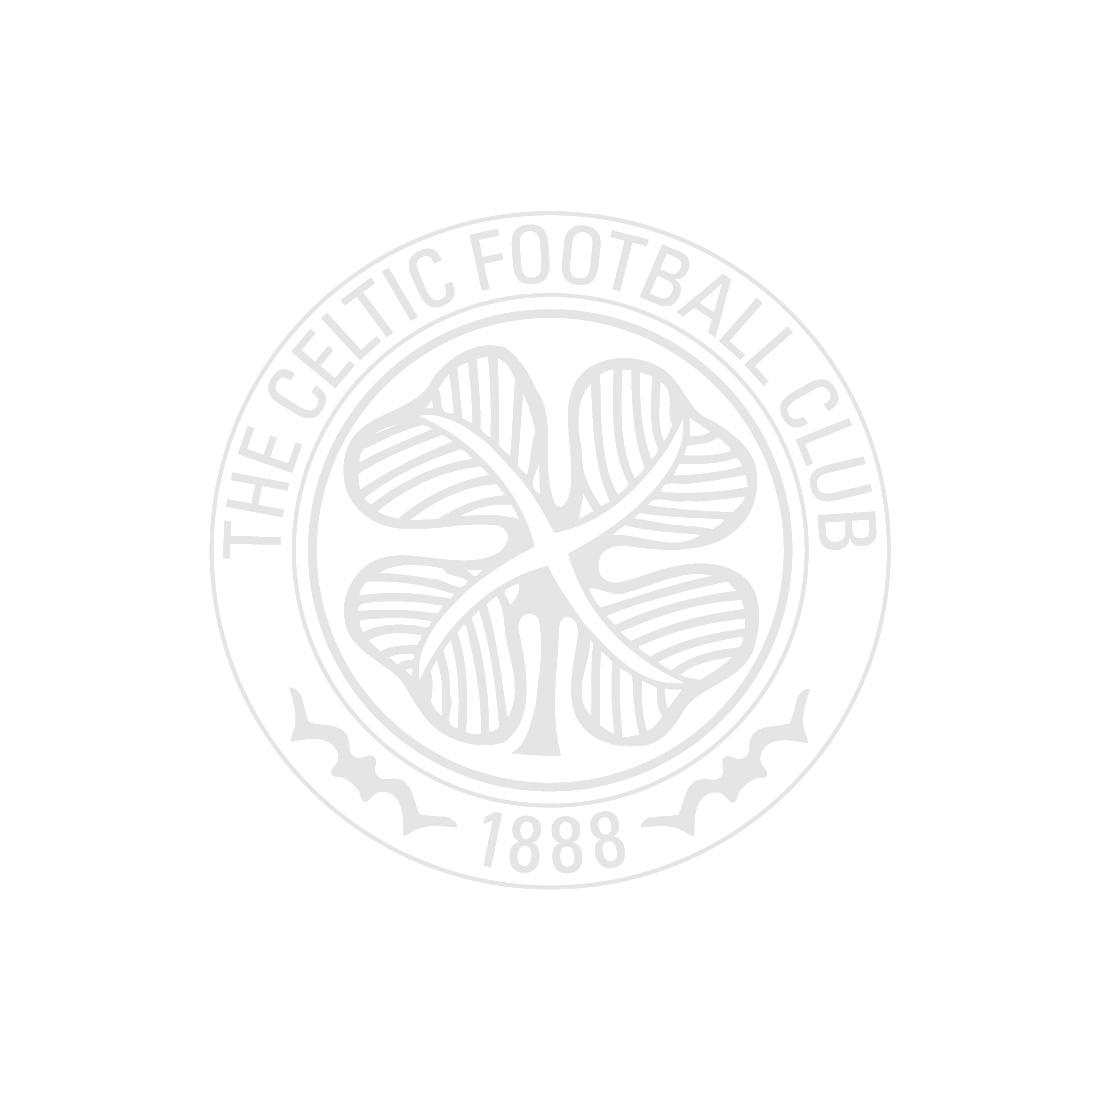 Celtic Mens CF & Ath Coy Cap